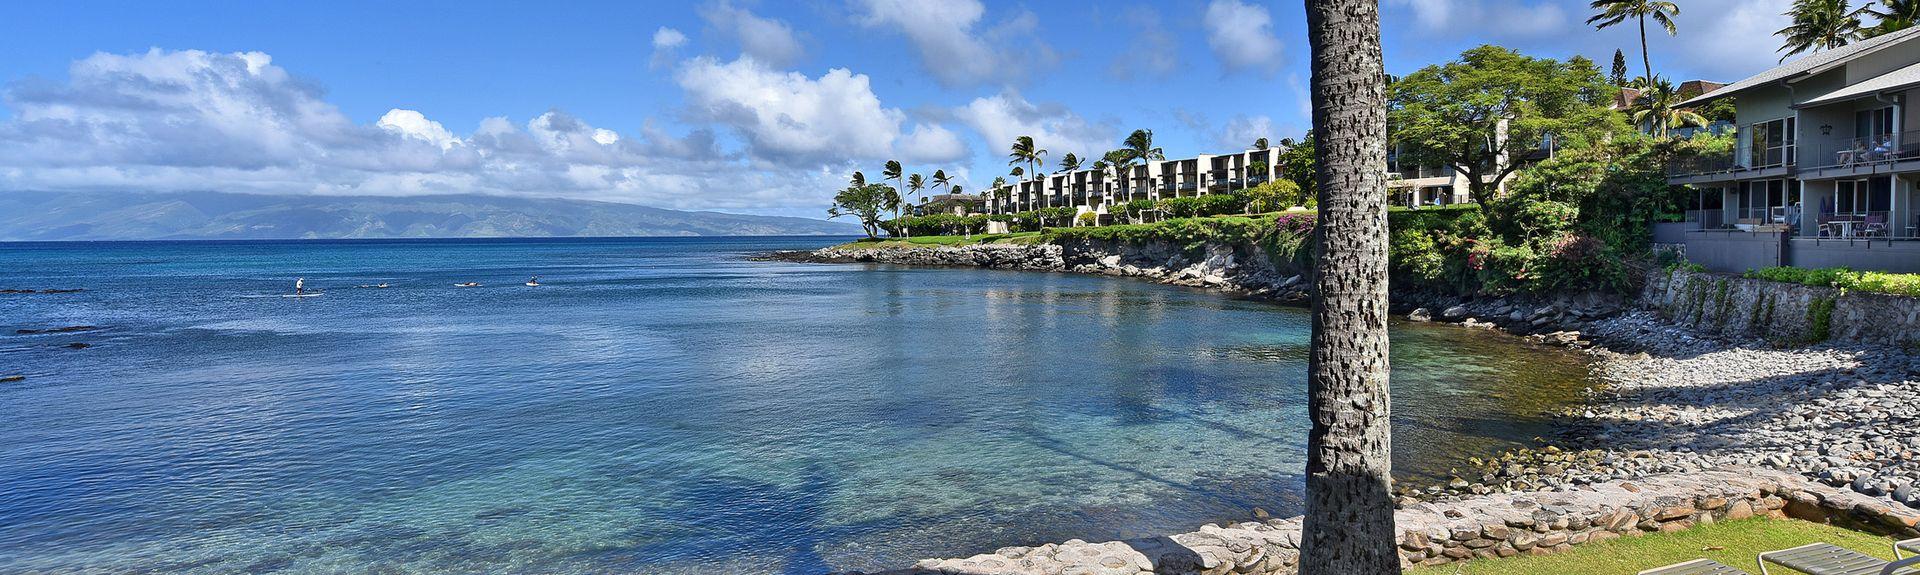 Honokeana Cove (Lahaina, Hawaii, Stati Uniti d'America)